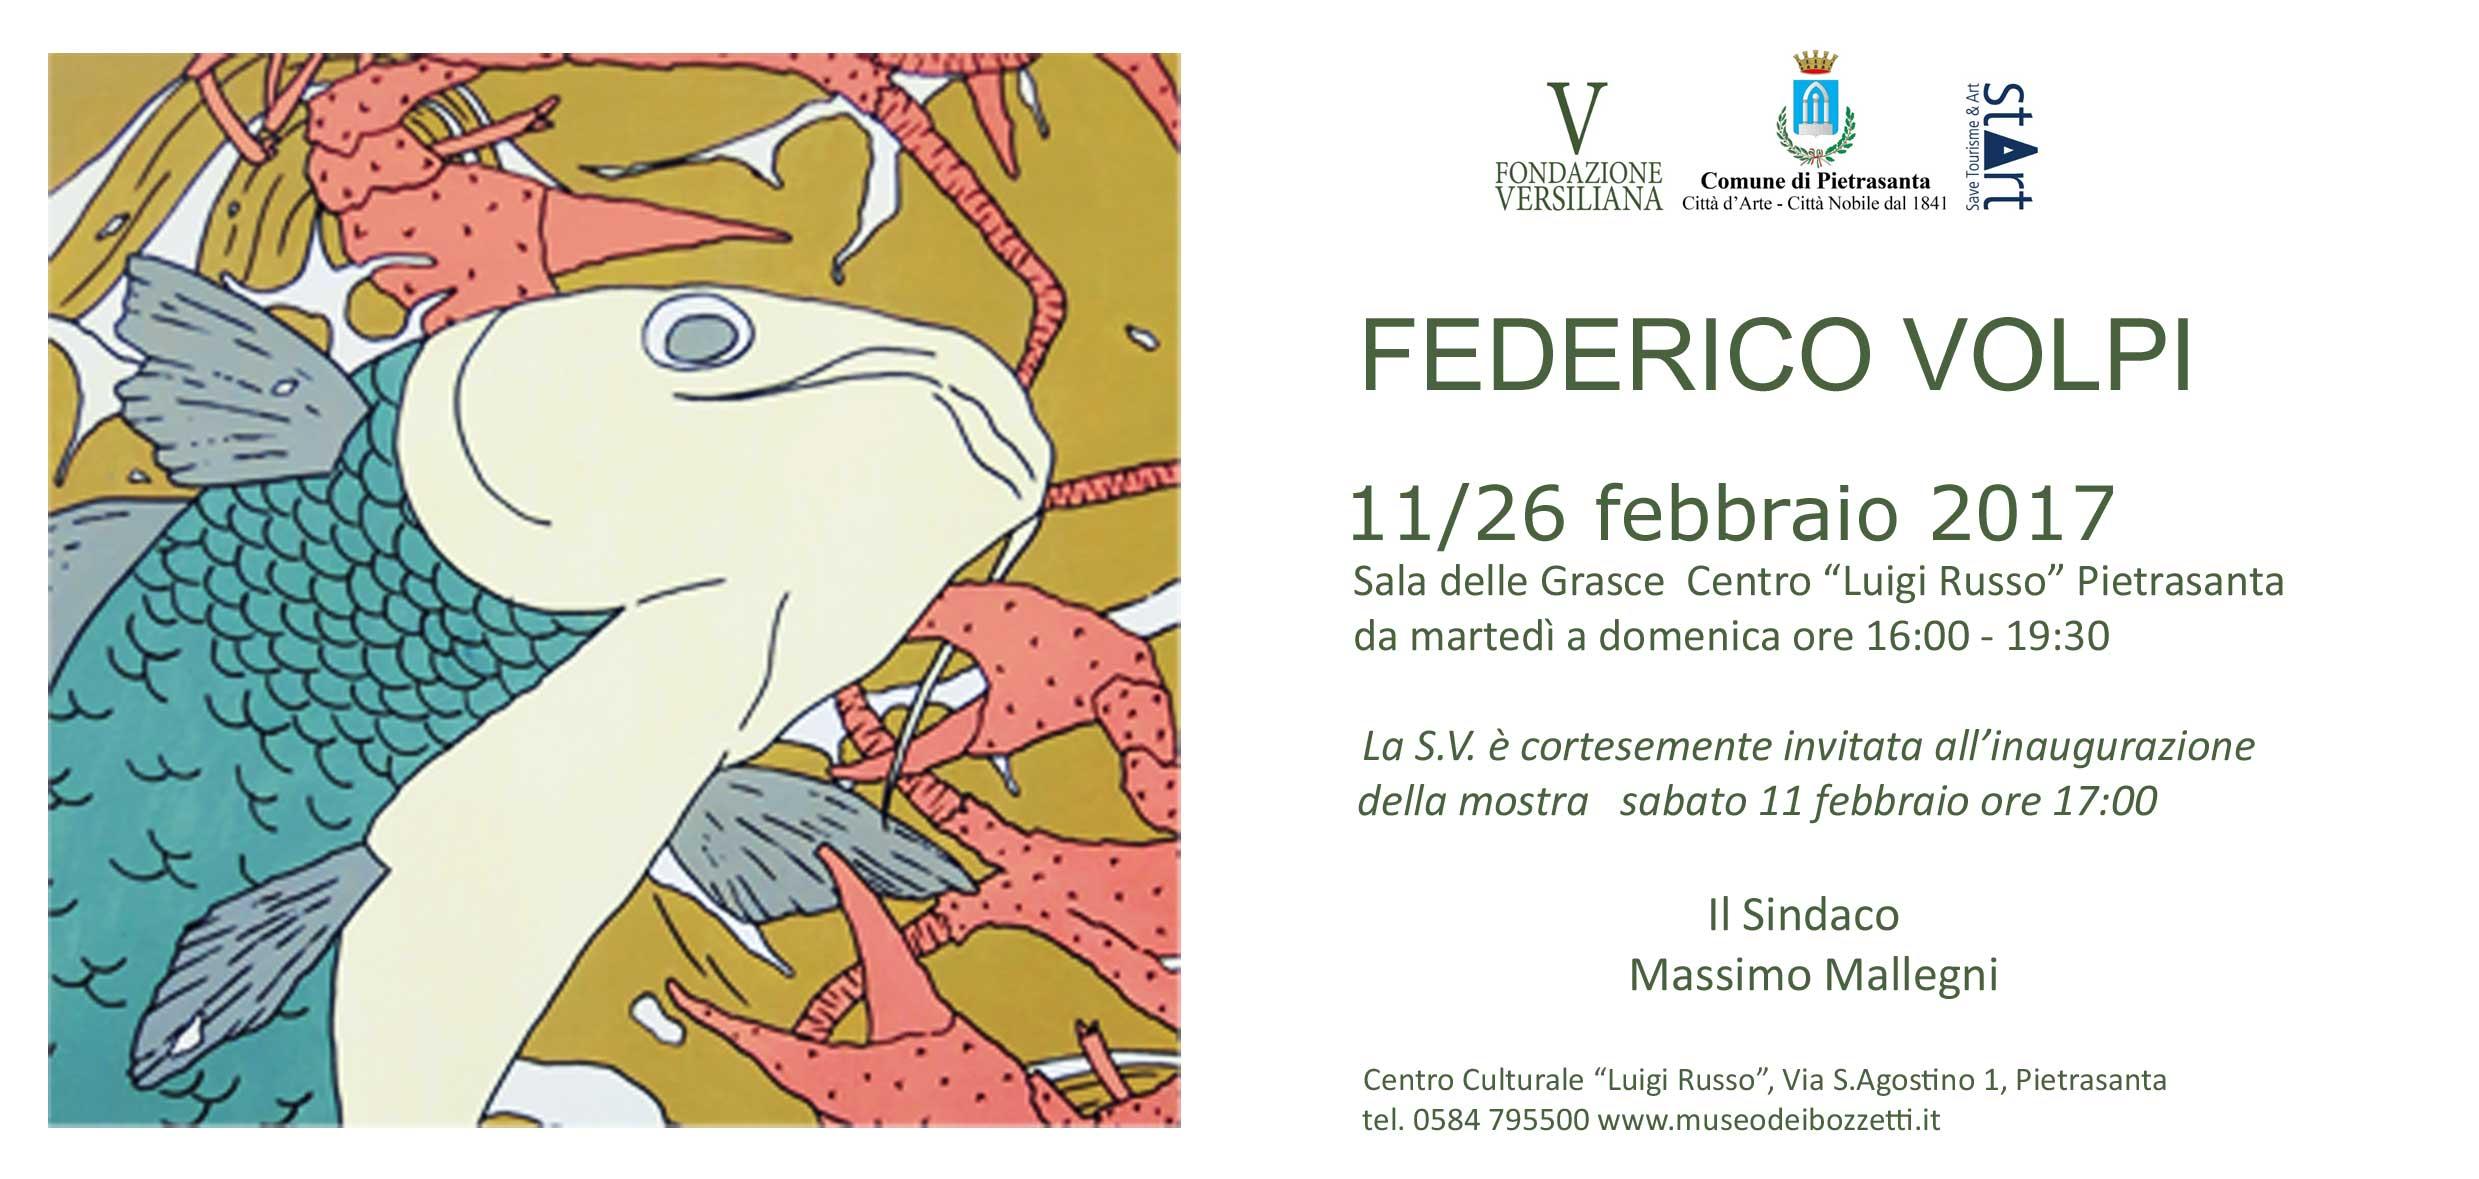 Forme acquatiche e paesaggi lacustri nella mostra di Federico Volpi